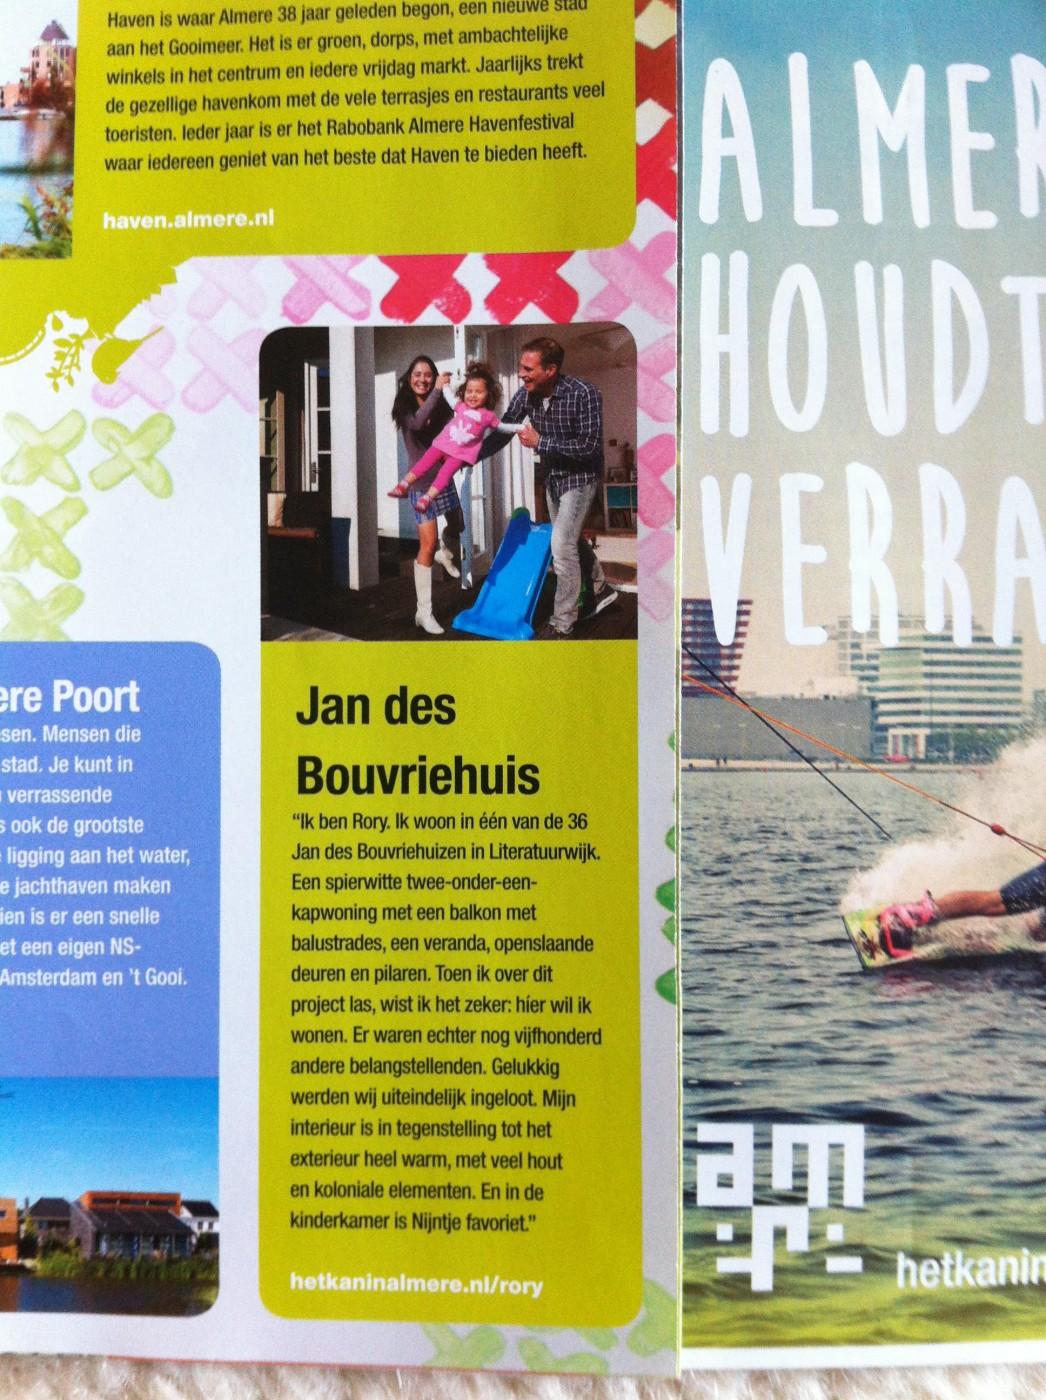 6 redenen waarom 'Het kan in Almere'